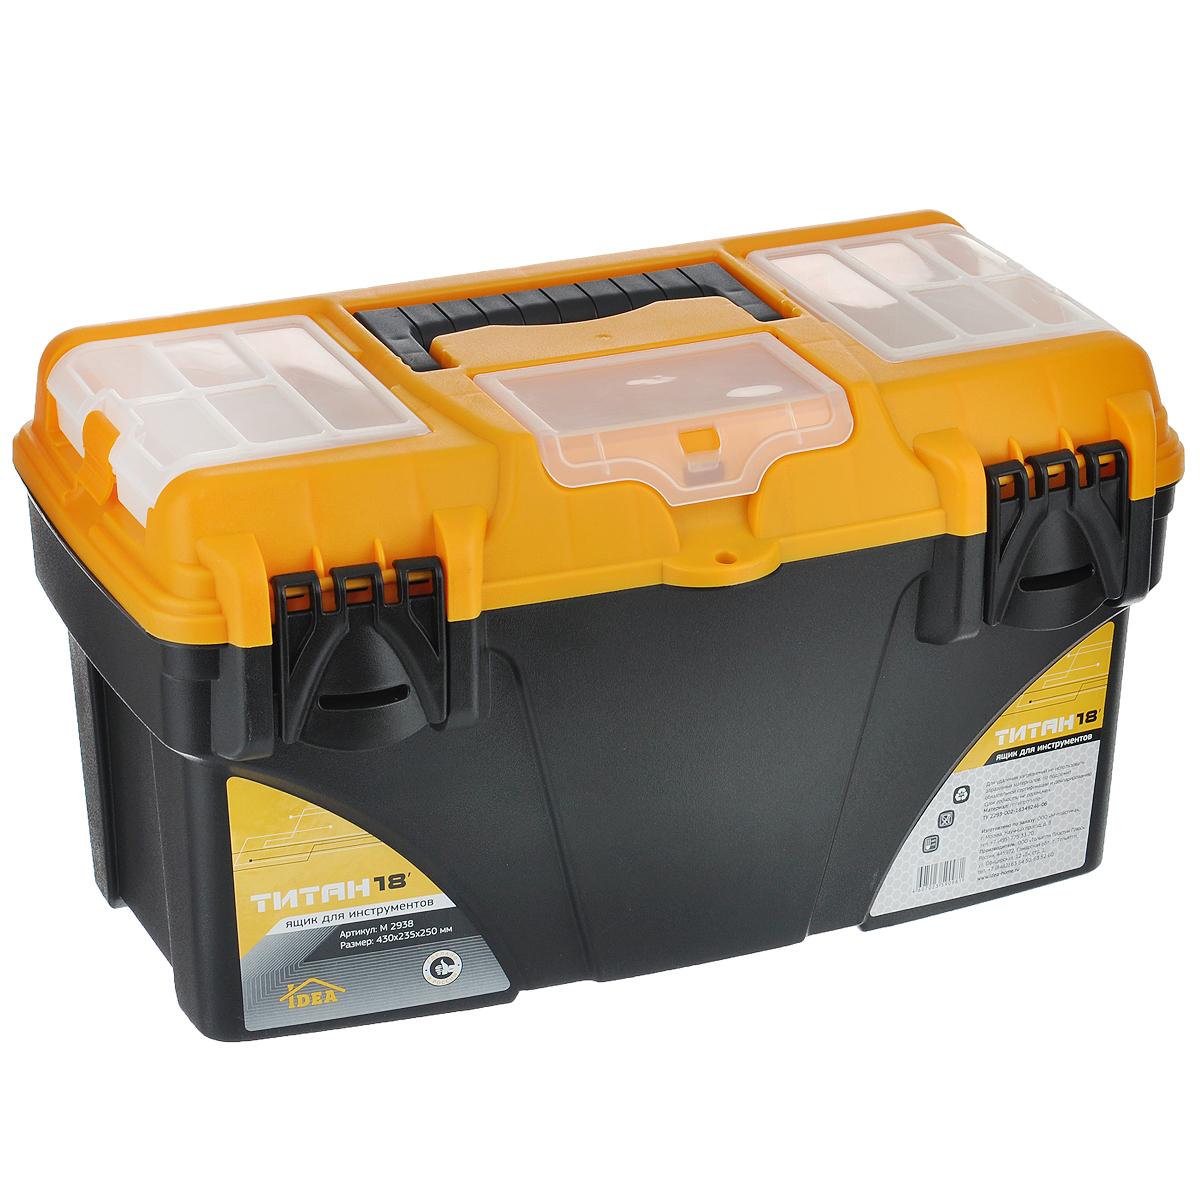 Ящик для инструментов Idea Титан 18, со съемным органайзером, 43 х 23,5 х 25 смPsr 1440 li-2Ящик Idea Титан 18 изготовлен из прочного пластика и предназначен для хранения и переноски инструментов. Вместительный, внутри имеет большое главное отделение. Крышка оснащена двумя съемными органайзерами и отделением для хранения бит. Ящик закрывается при помощи крепких защелок, которые не допускают случайного открывания. Для более комфортного переноса в руках, на крышке ящика предусмотрена удобная ручка.